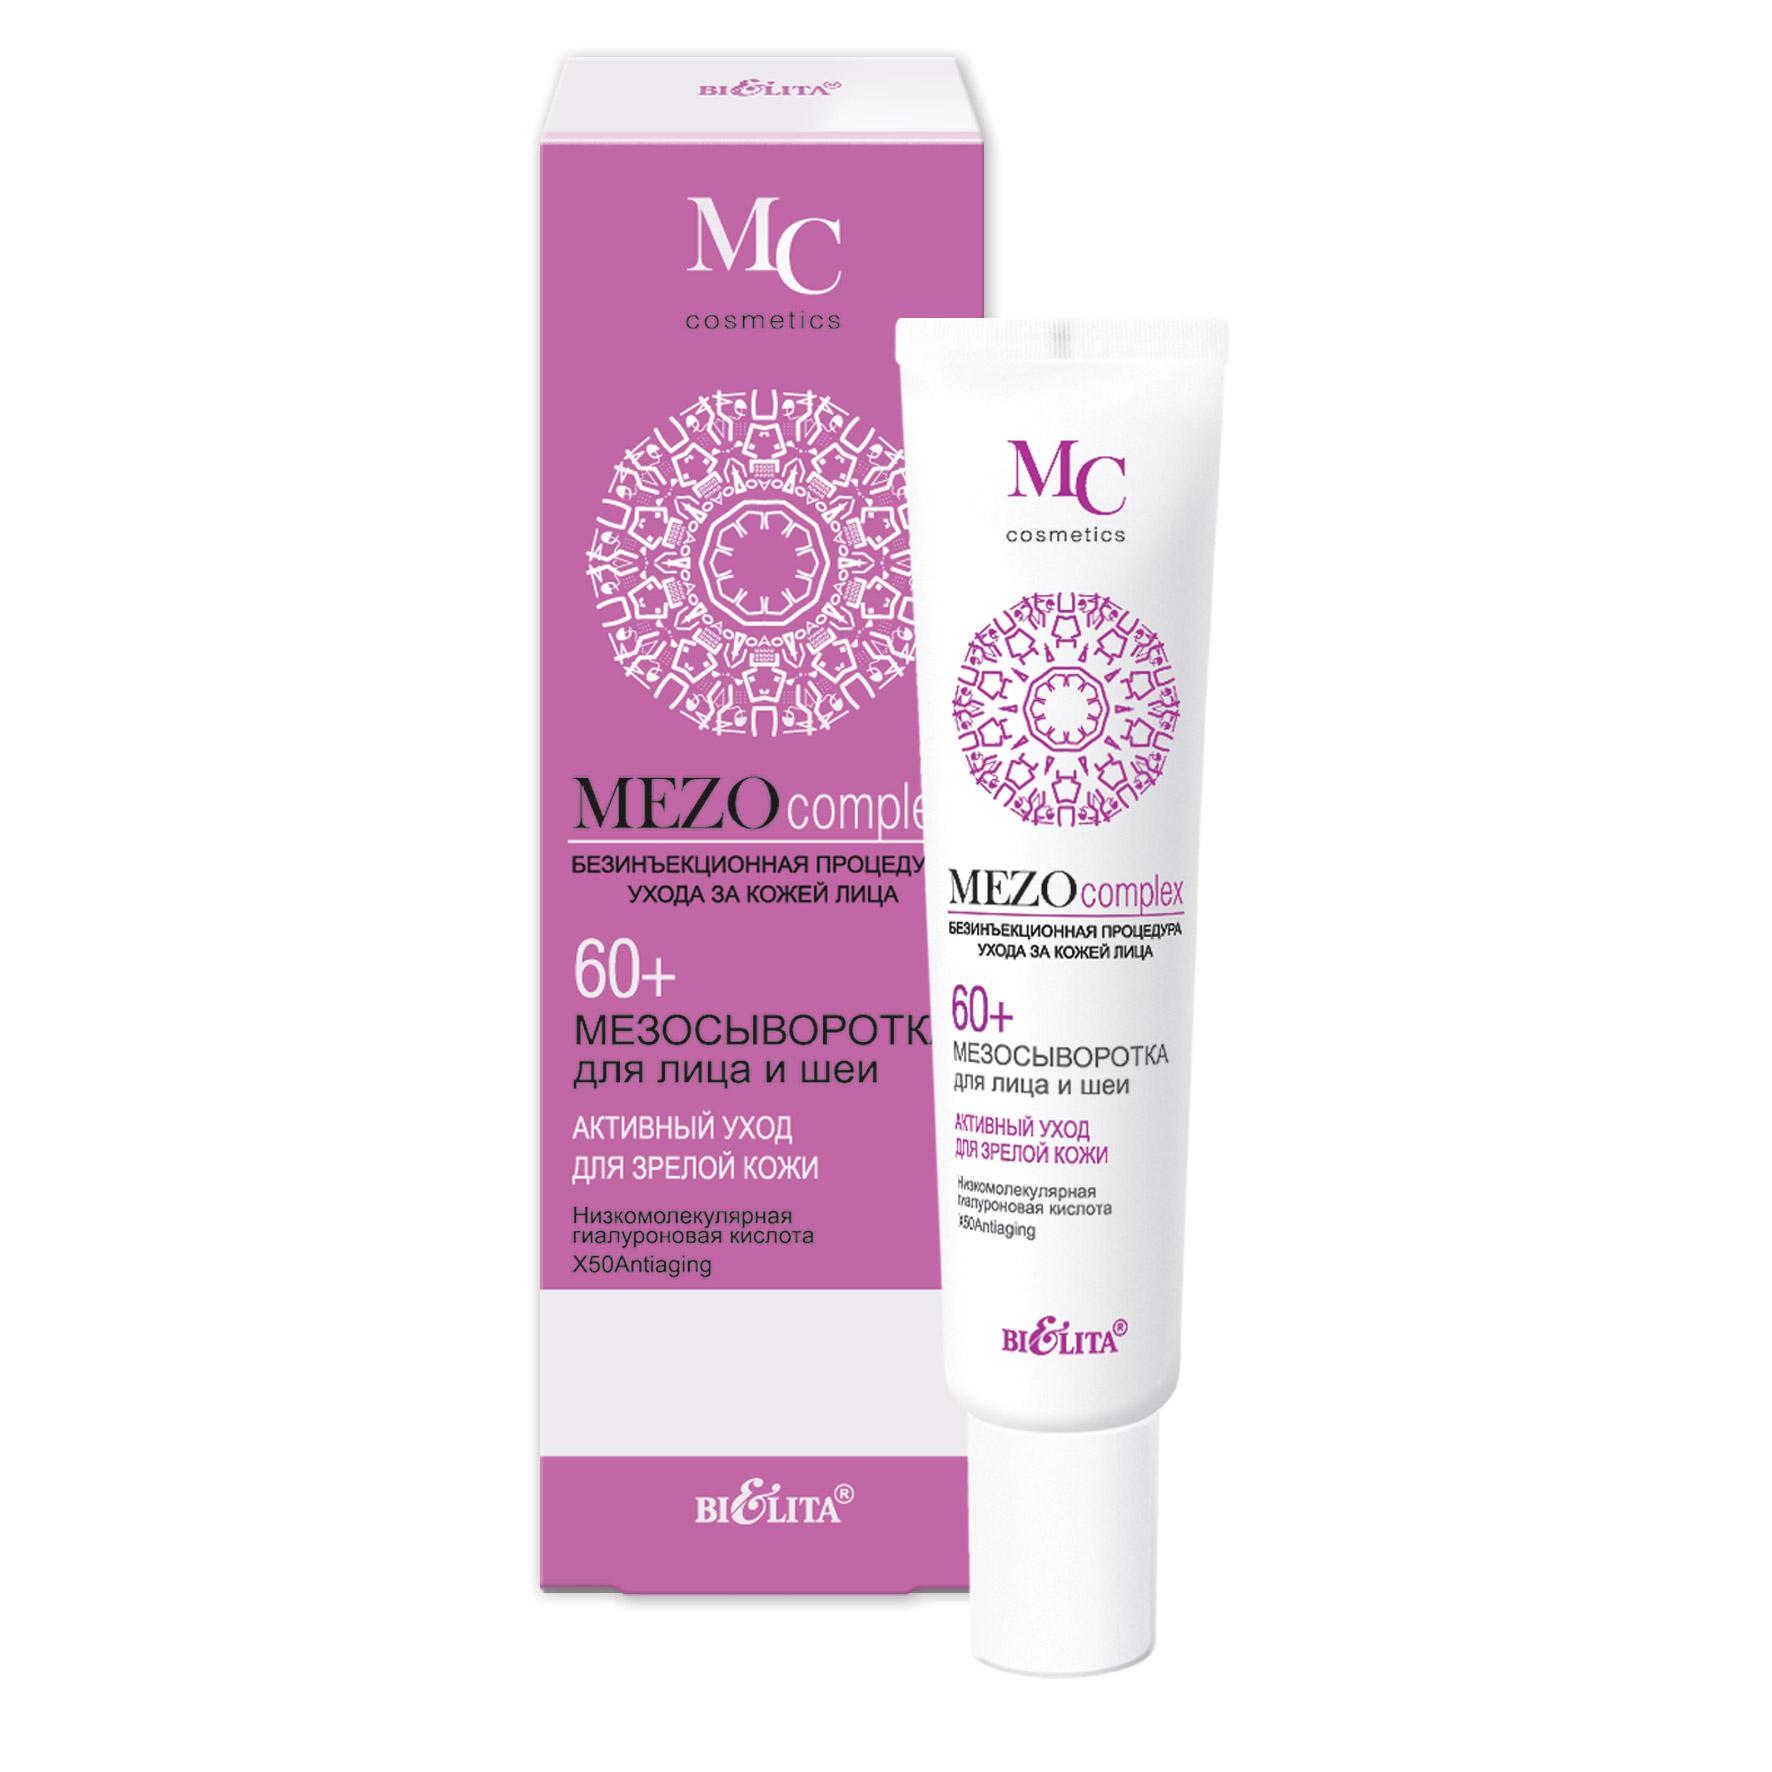 Belita-Vitex MezoComplex - sérum pro tvář a krk 60+ Aktivní péče o zralou pokožku 20 ml